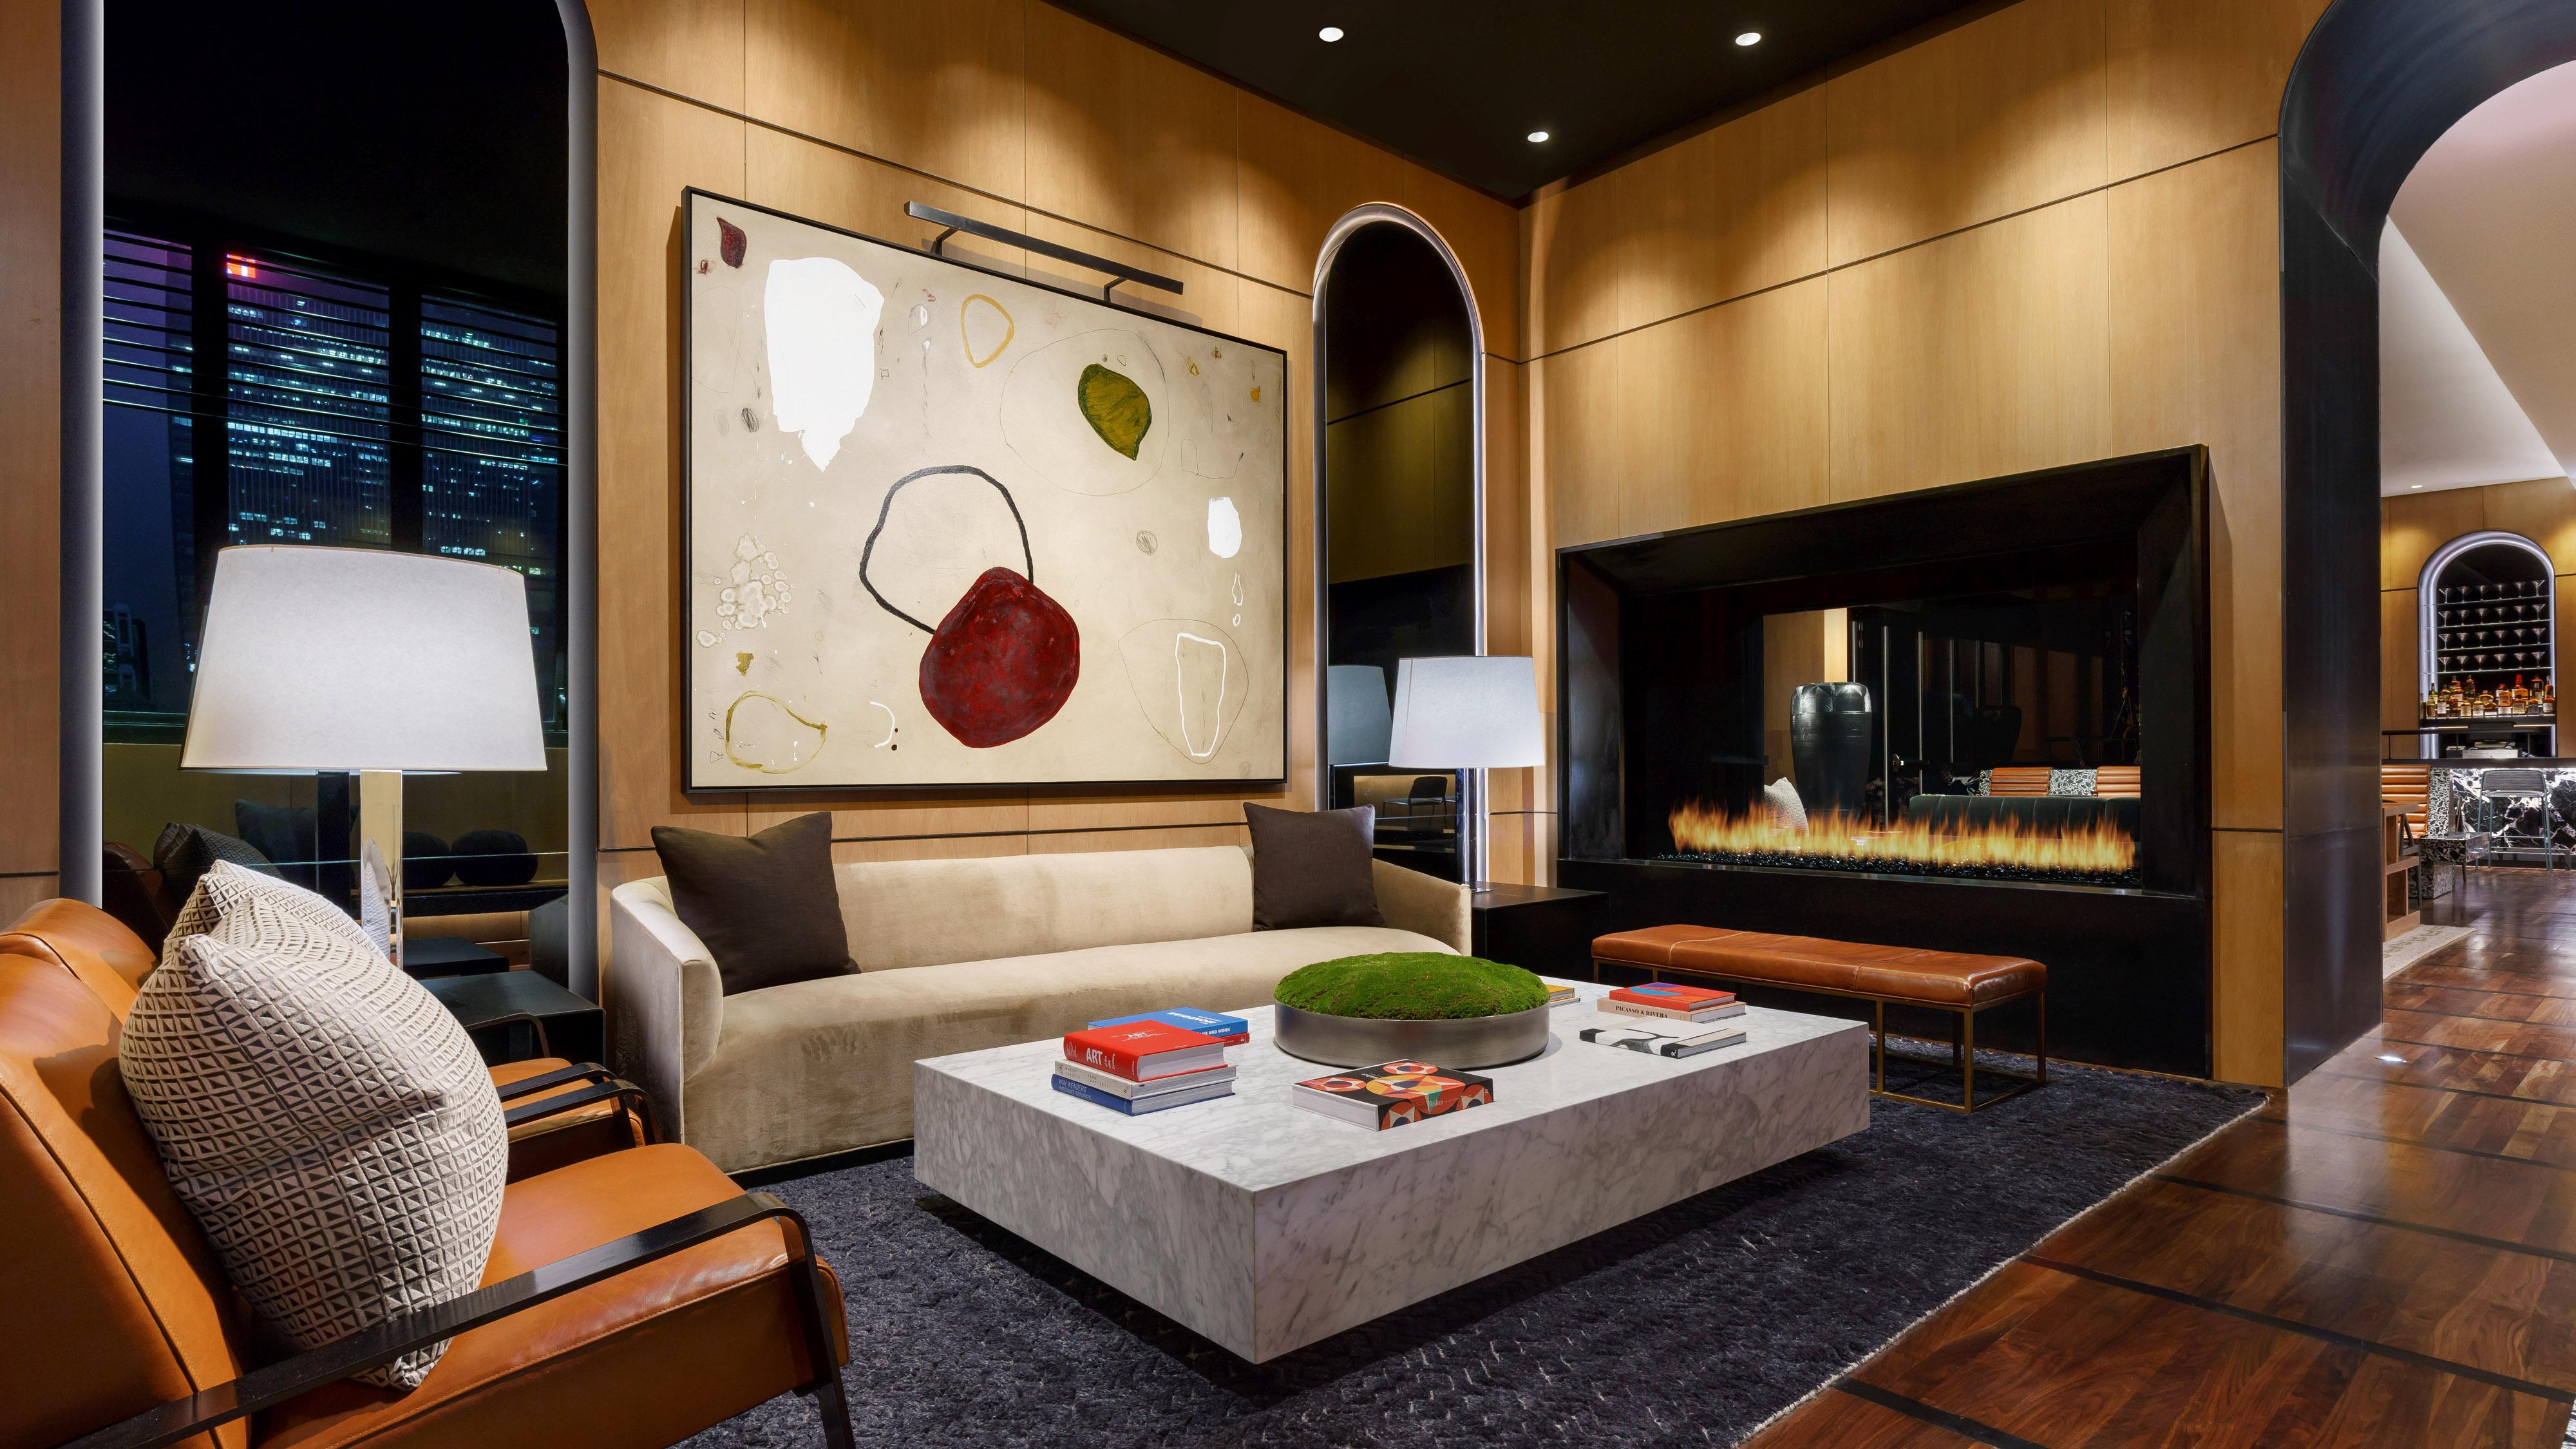 AC_NYMCA_Castell_Lounge